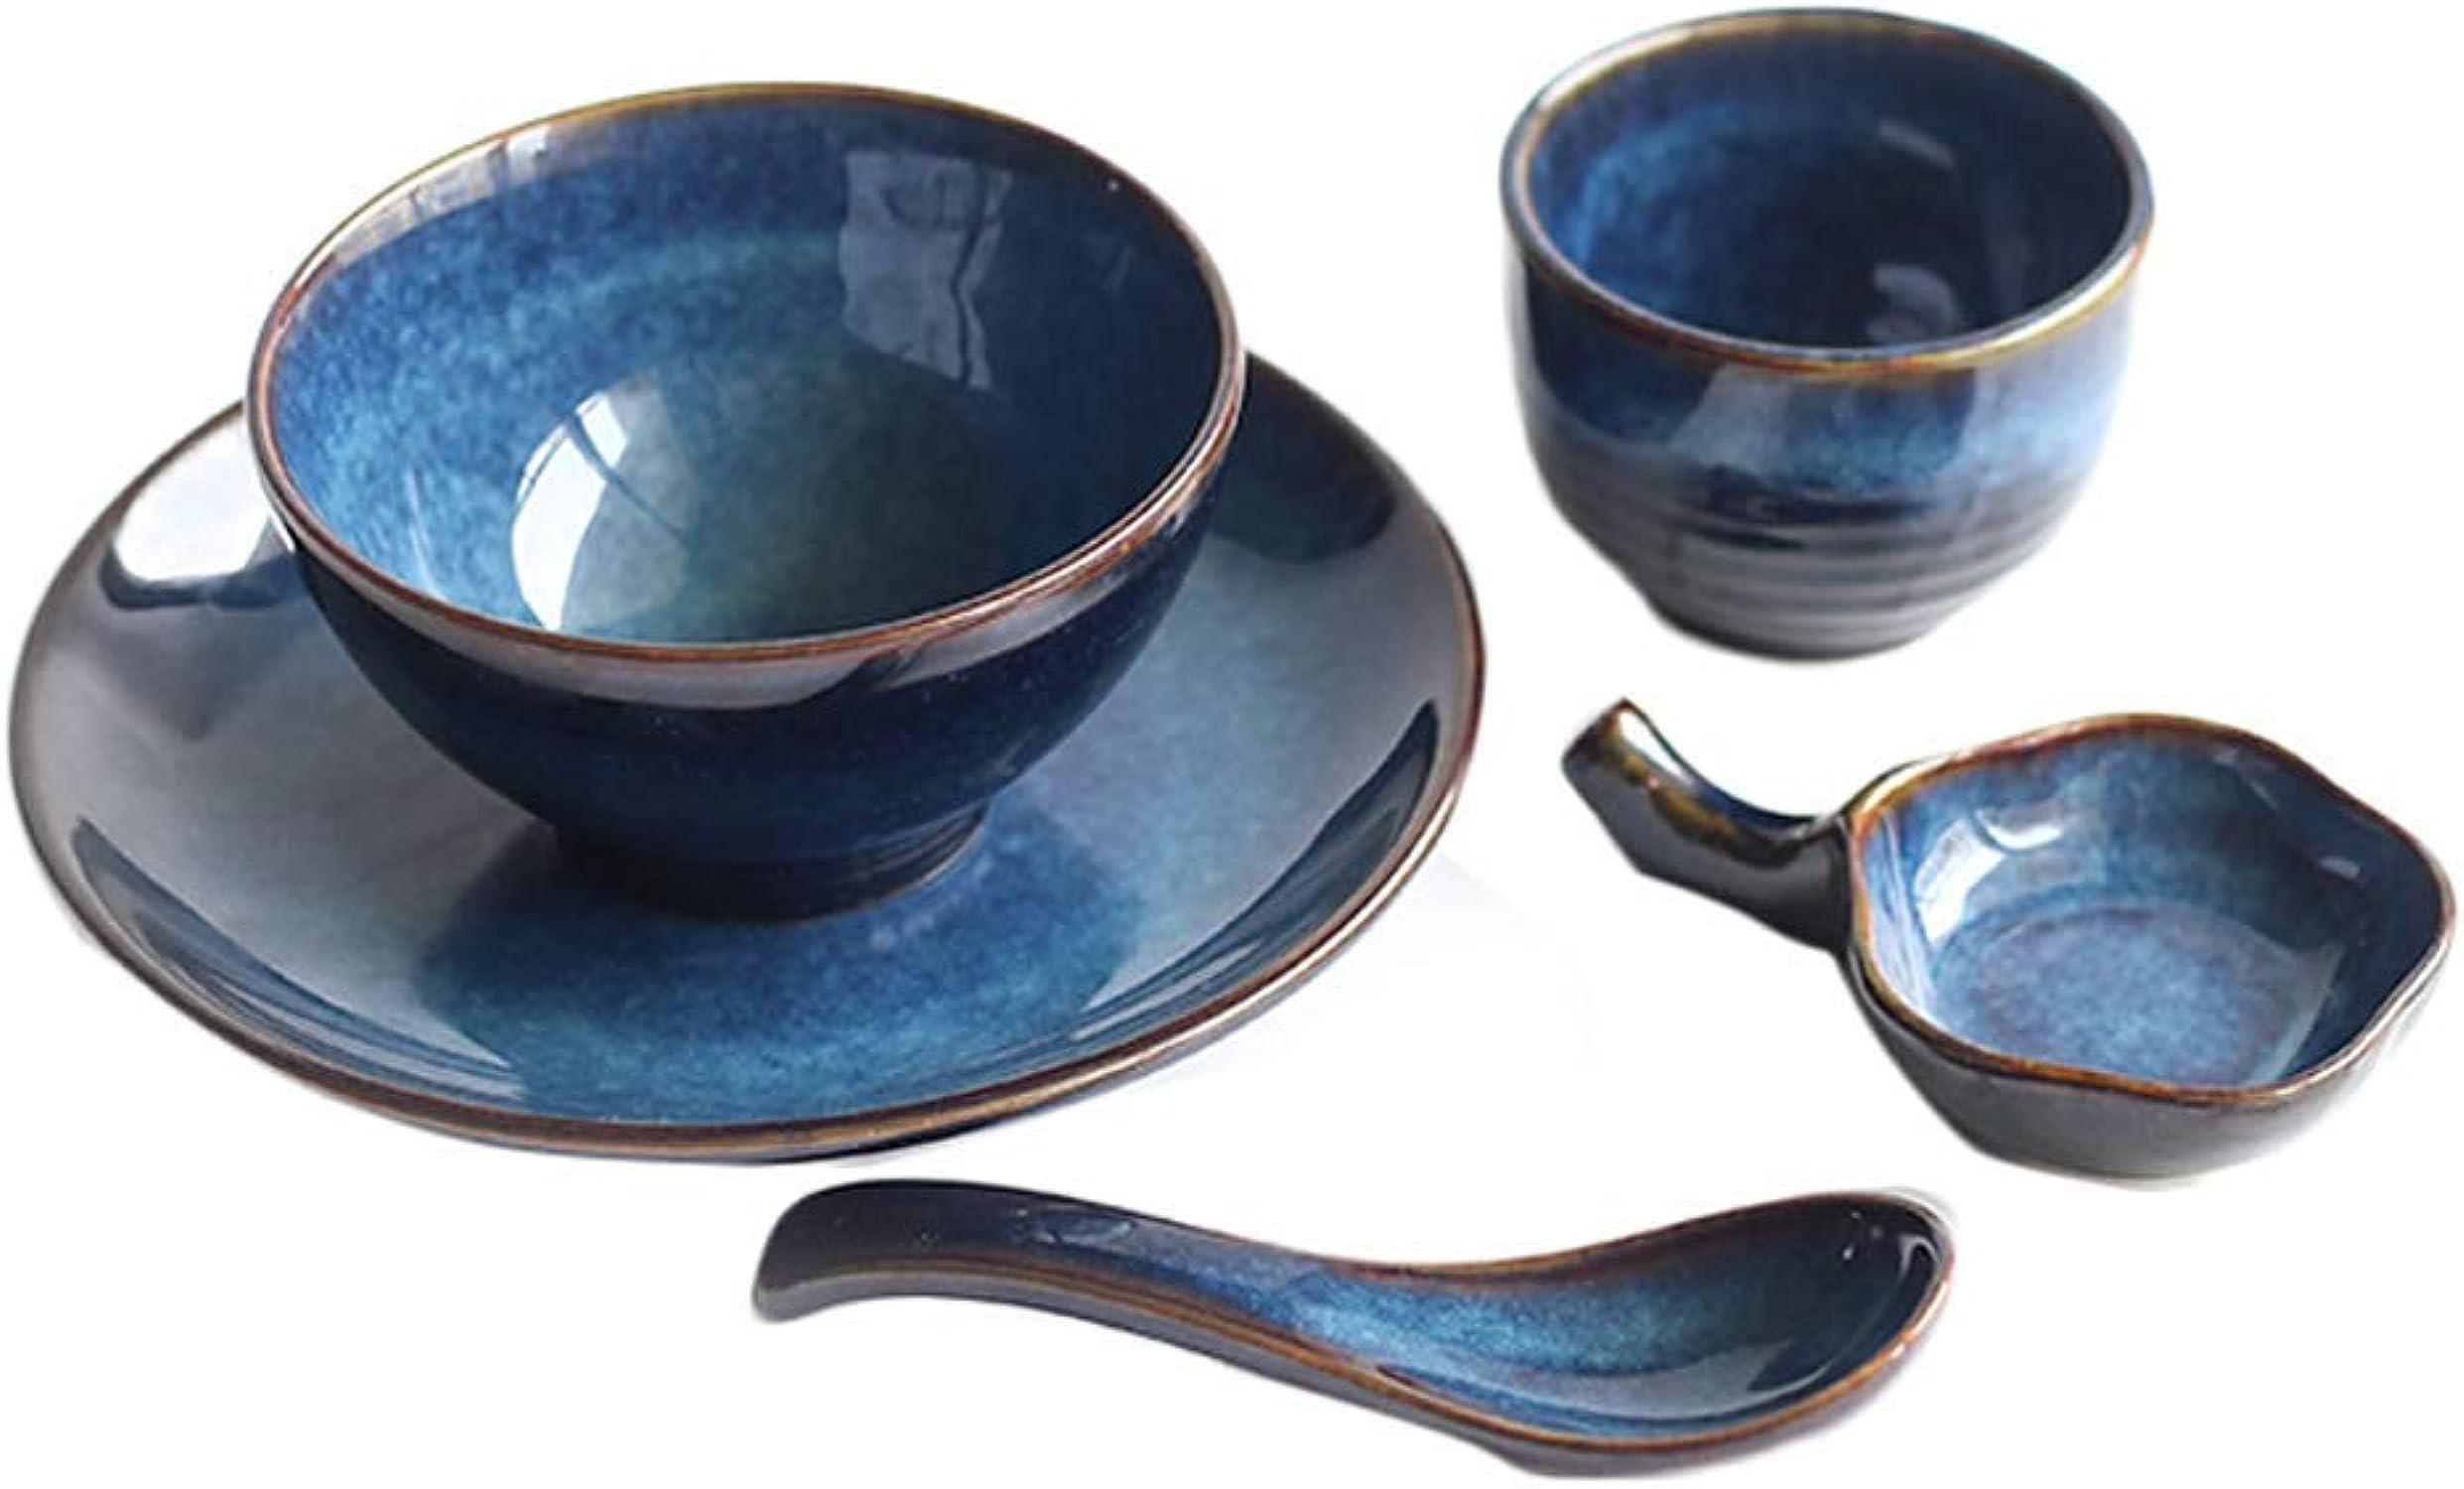 AFDK Bonne vie Vintage bleu vaisselle en céramique costume créatif assiette à salade collation bol à tremper bol de fruits cuillère à soupe après-midi thé thé petit déjeuner vaisselle